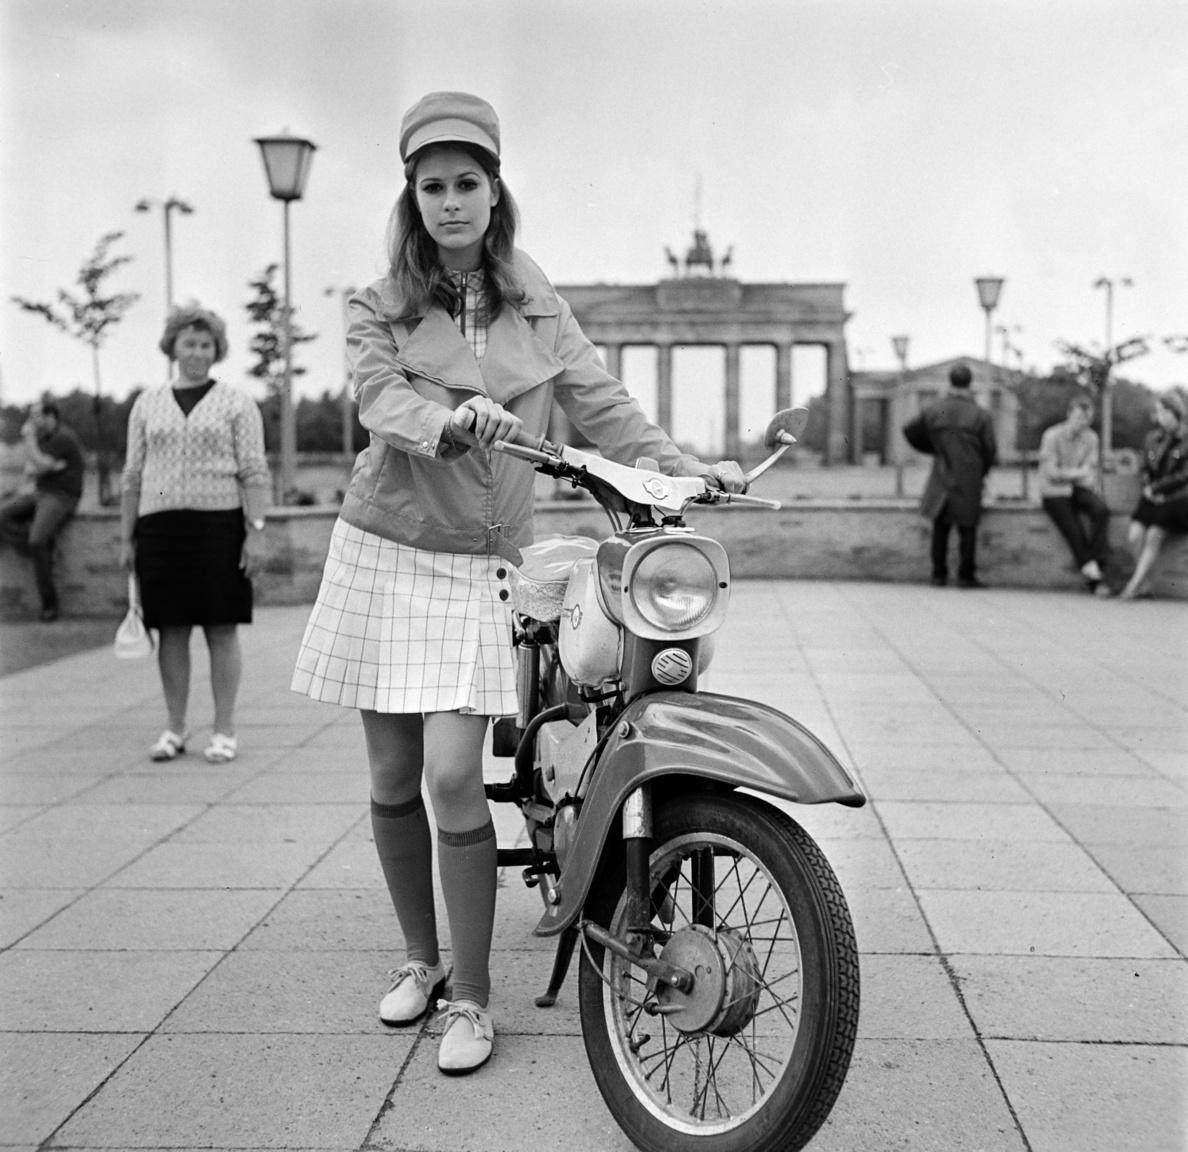 Bojár Sándor a magyar Autó-Motornak fotózta ezt a beállított képet. Az NDK-ban gyártott Simson-széria darabjait valamiért madarakról nevezték el. Ezen a képen a modell egy gyönyörűen fénylő Spatzot, azaz Verebet tart, amelyet 1964 és 1970 között gyártottak.